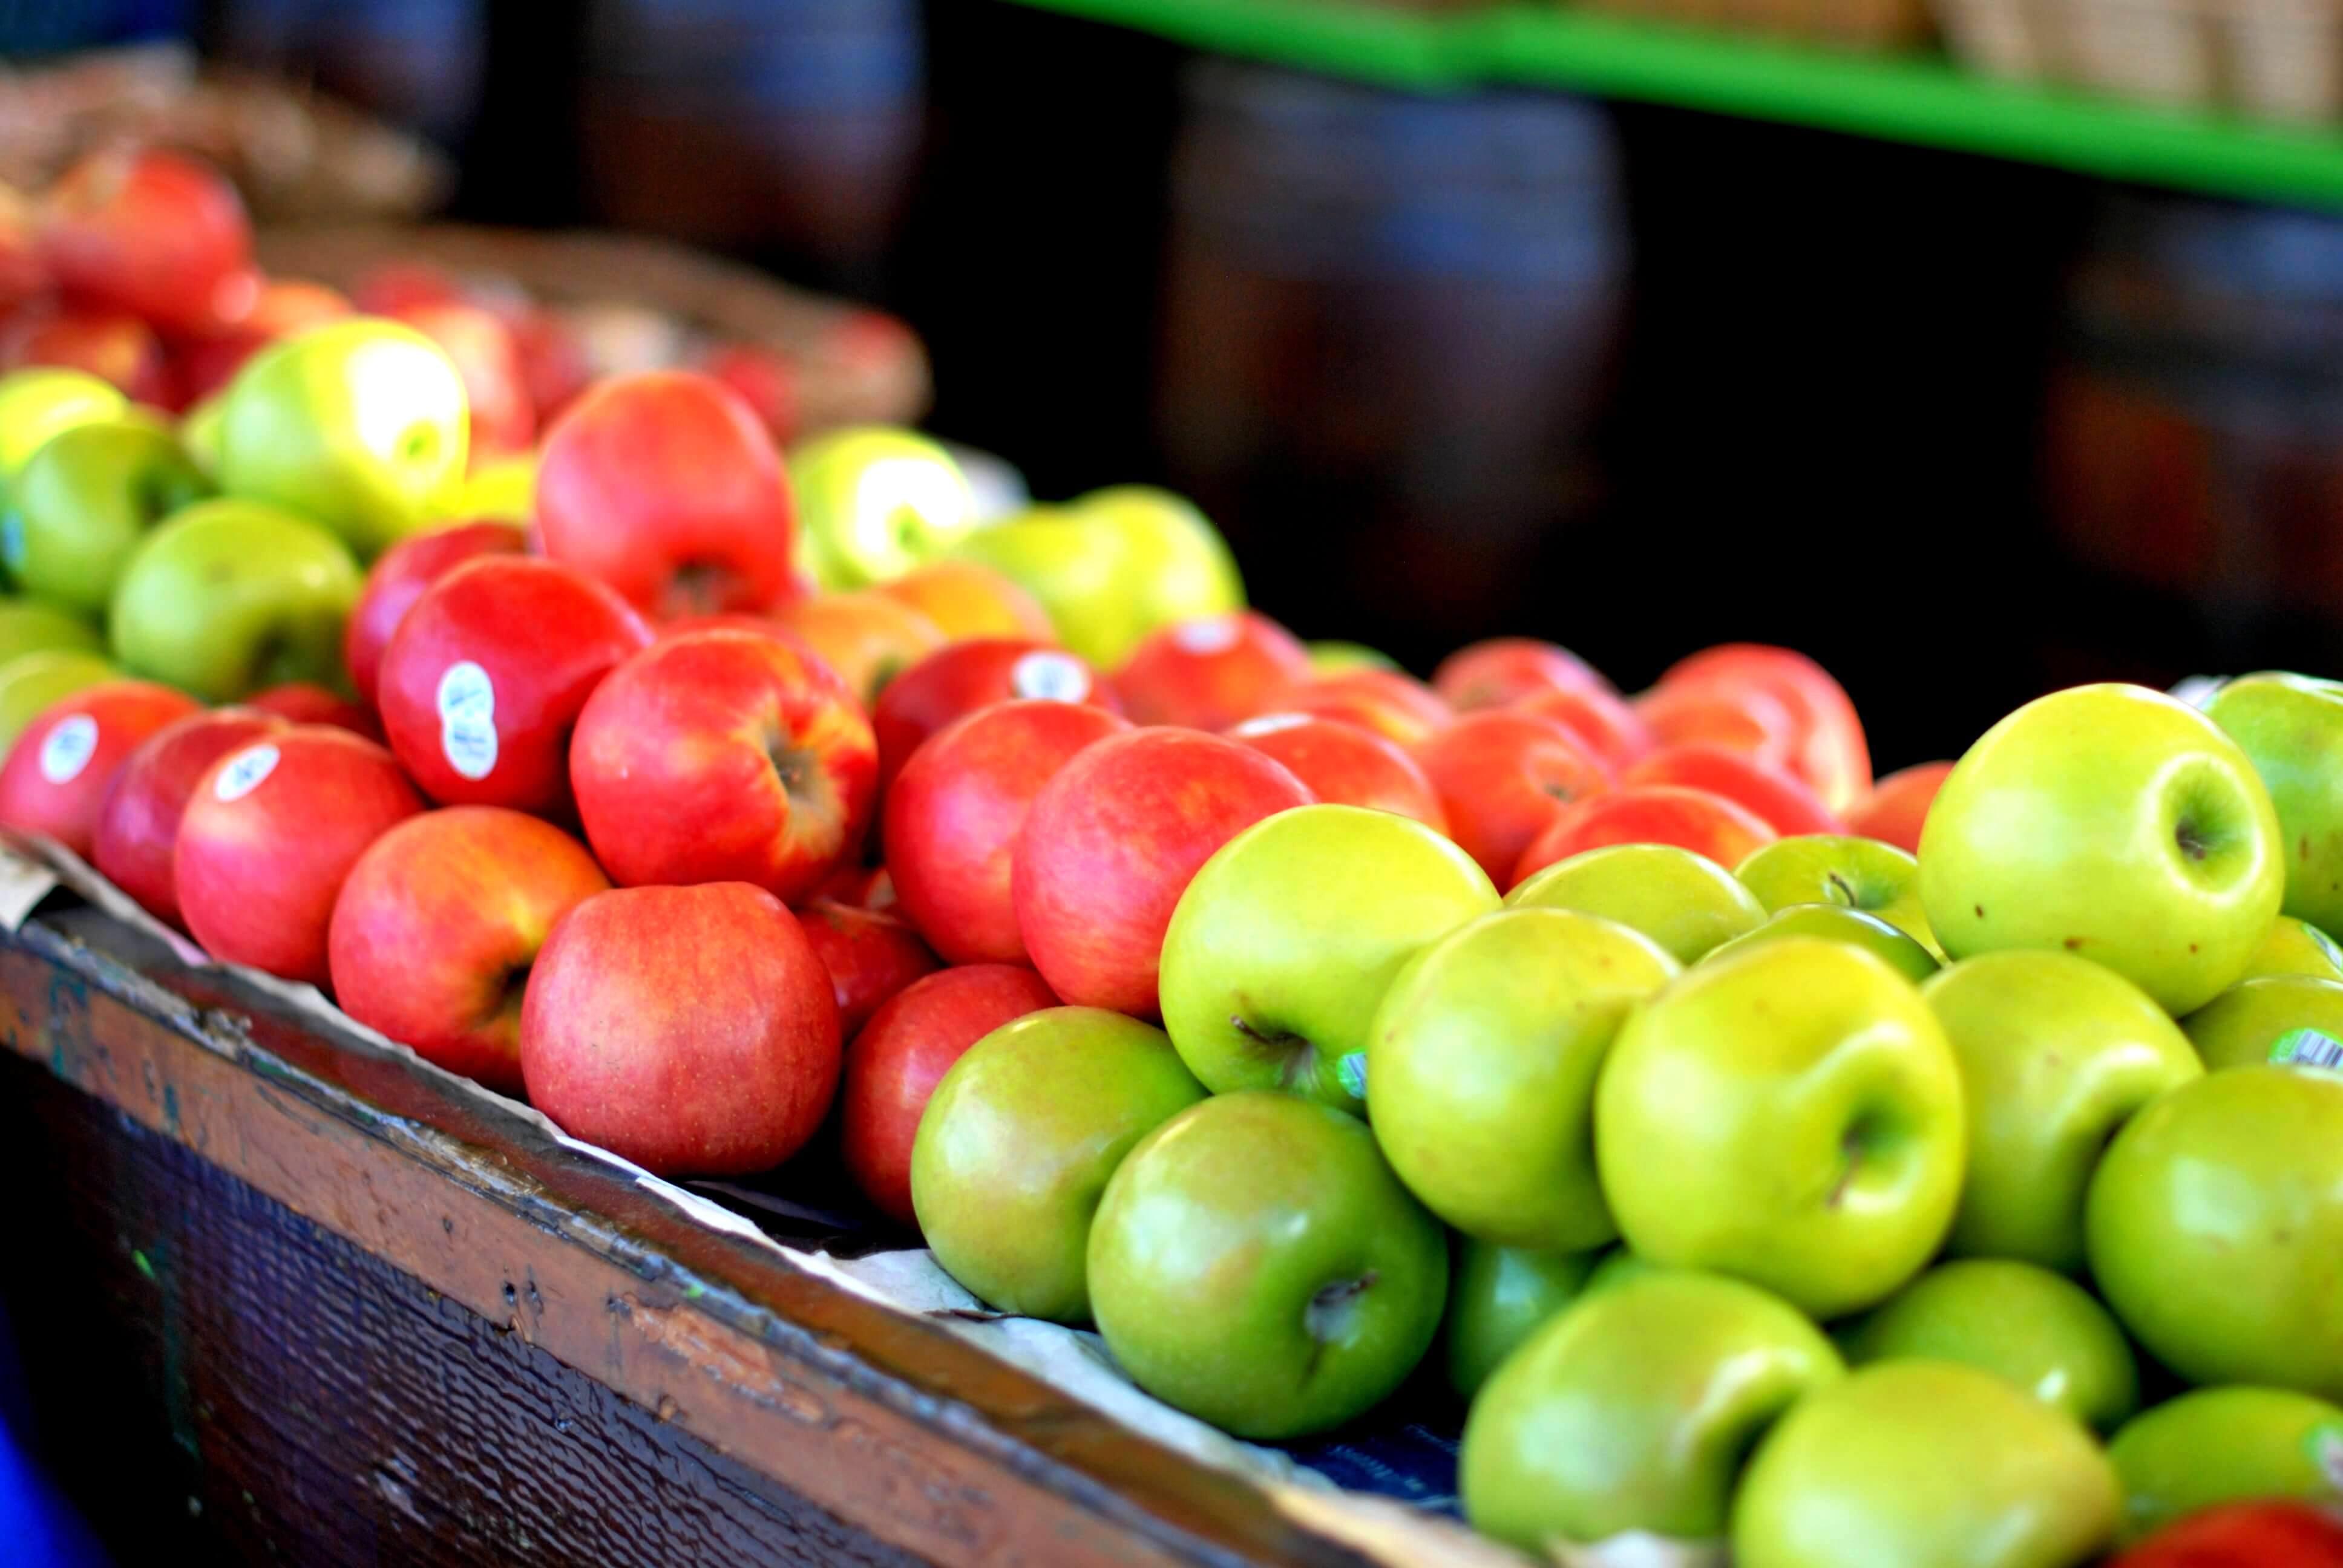 Моченые яблоки - польза или вред